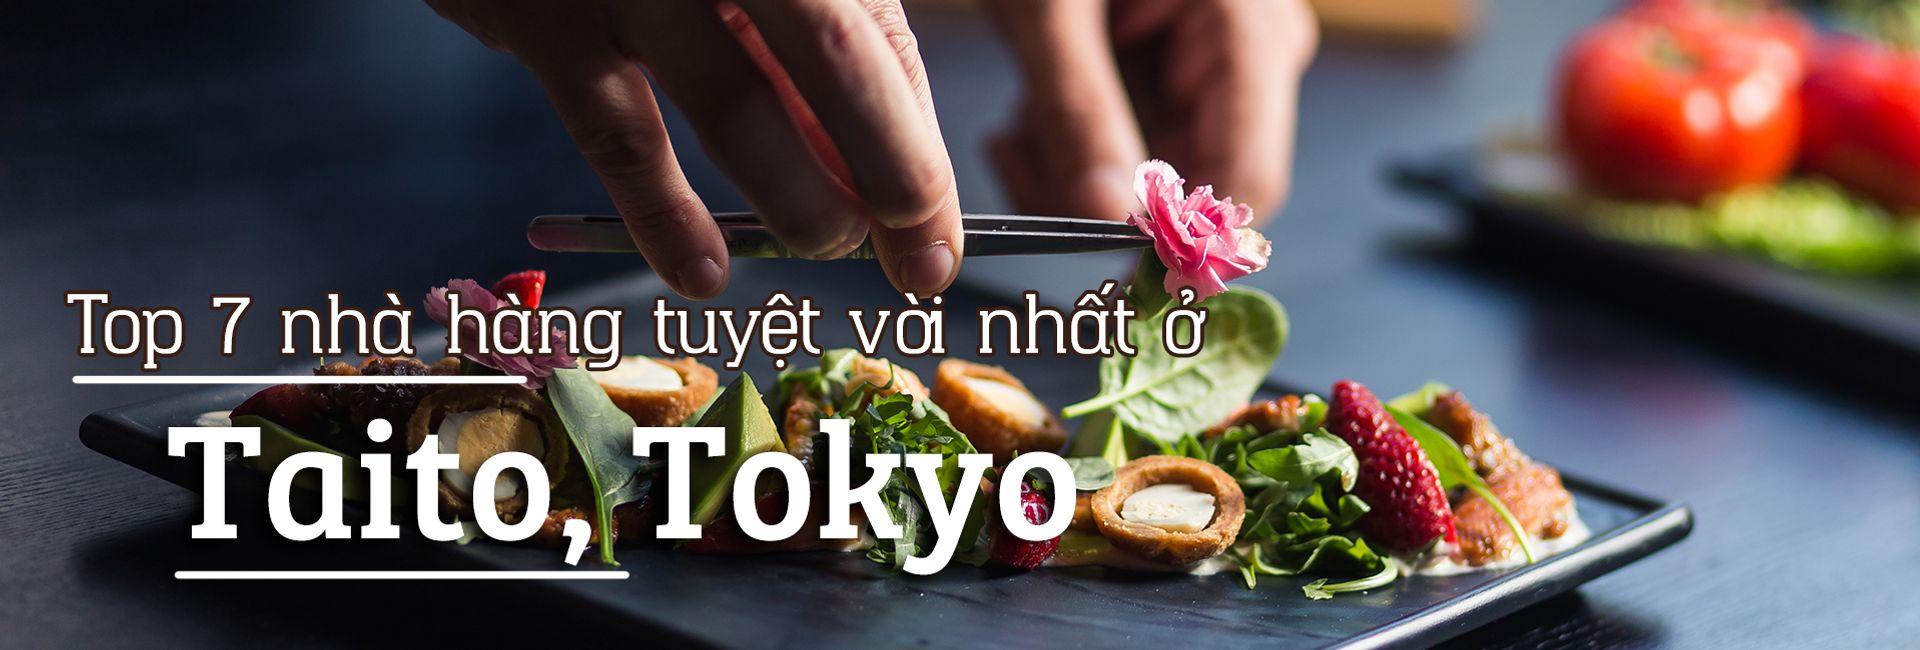 Top 7 nhà hàng tuyệt vời nhất ở Taito, Tokyo, Nhật Bản